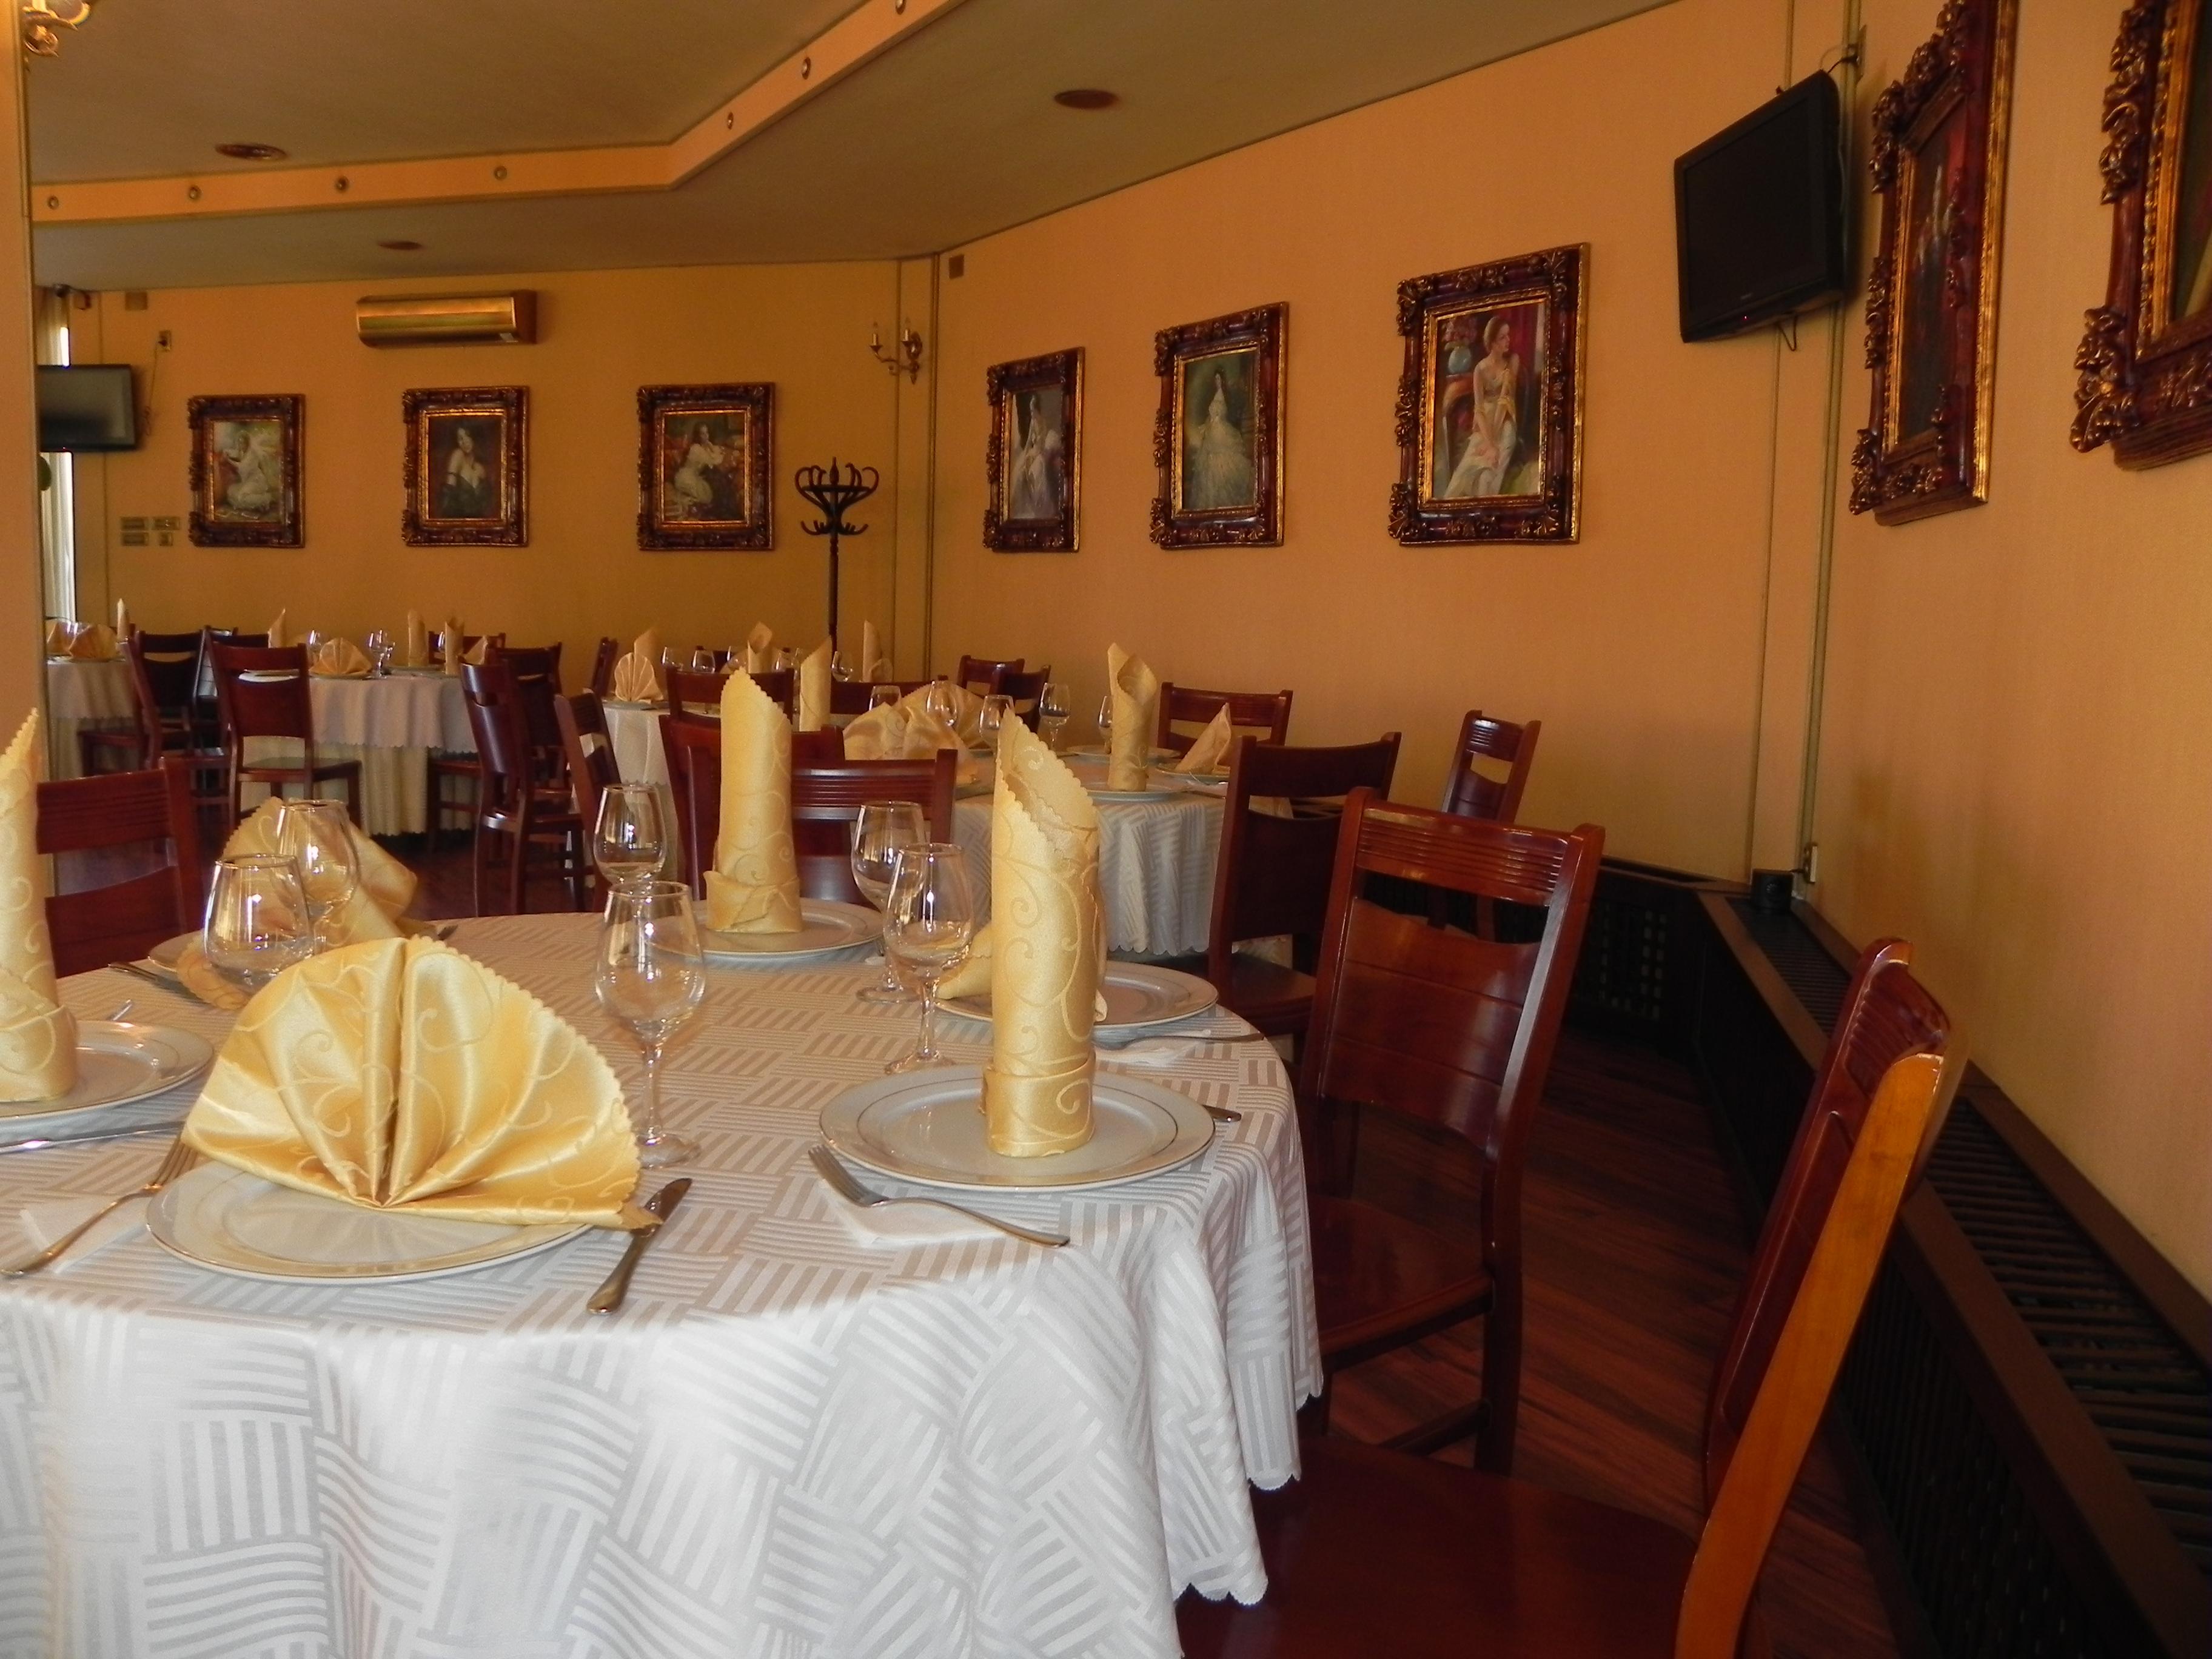 restaurant-Columna-hotel-hestia-calarasi-04